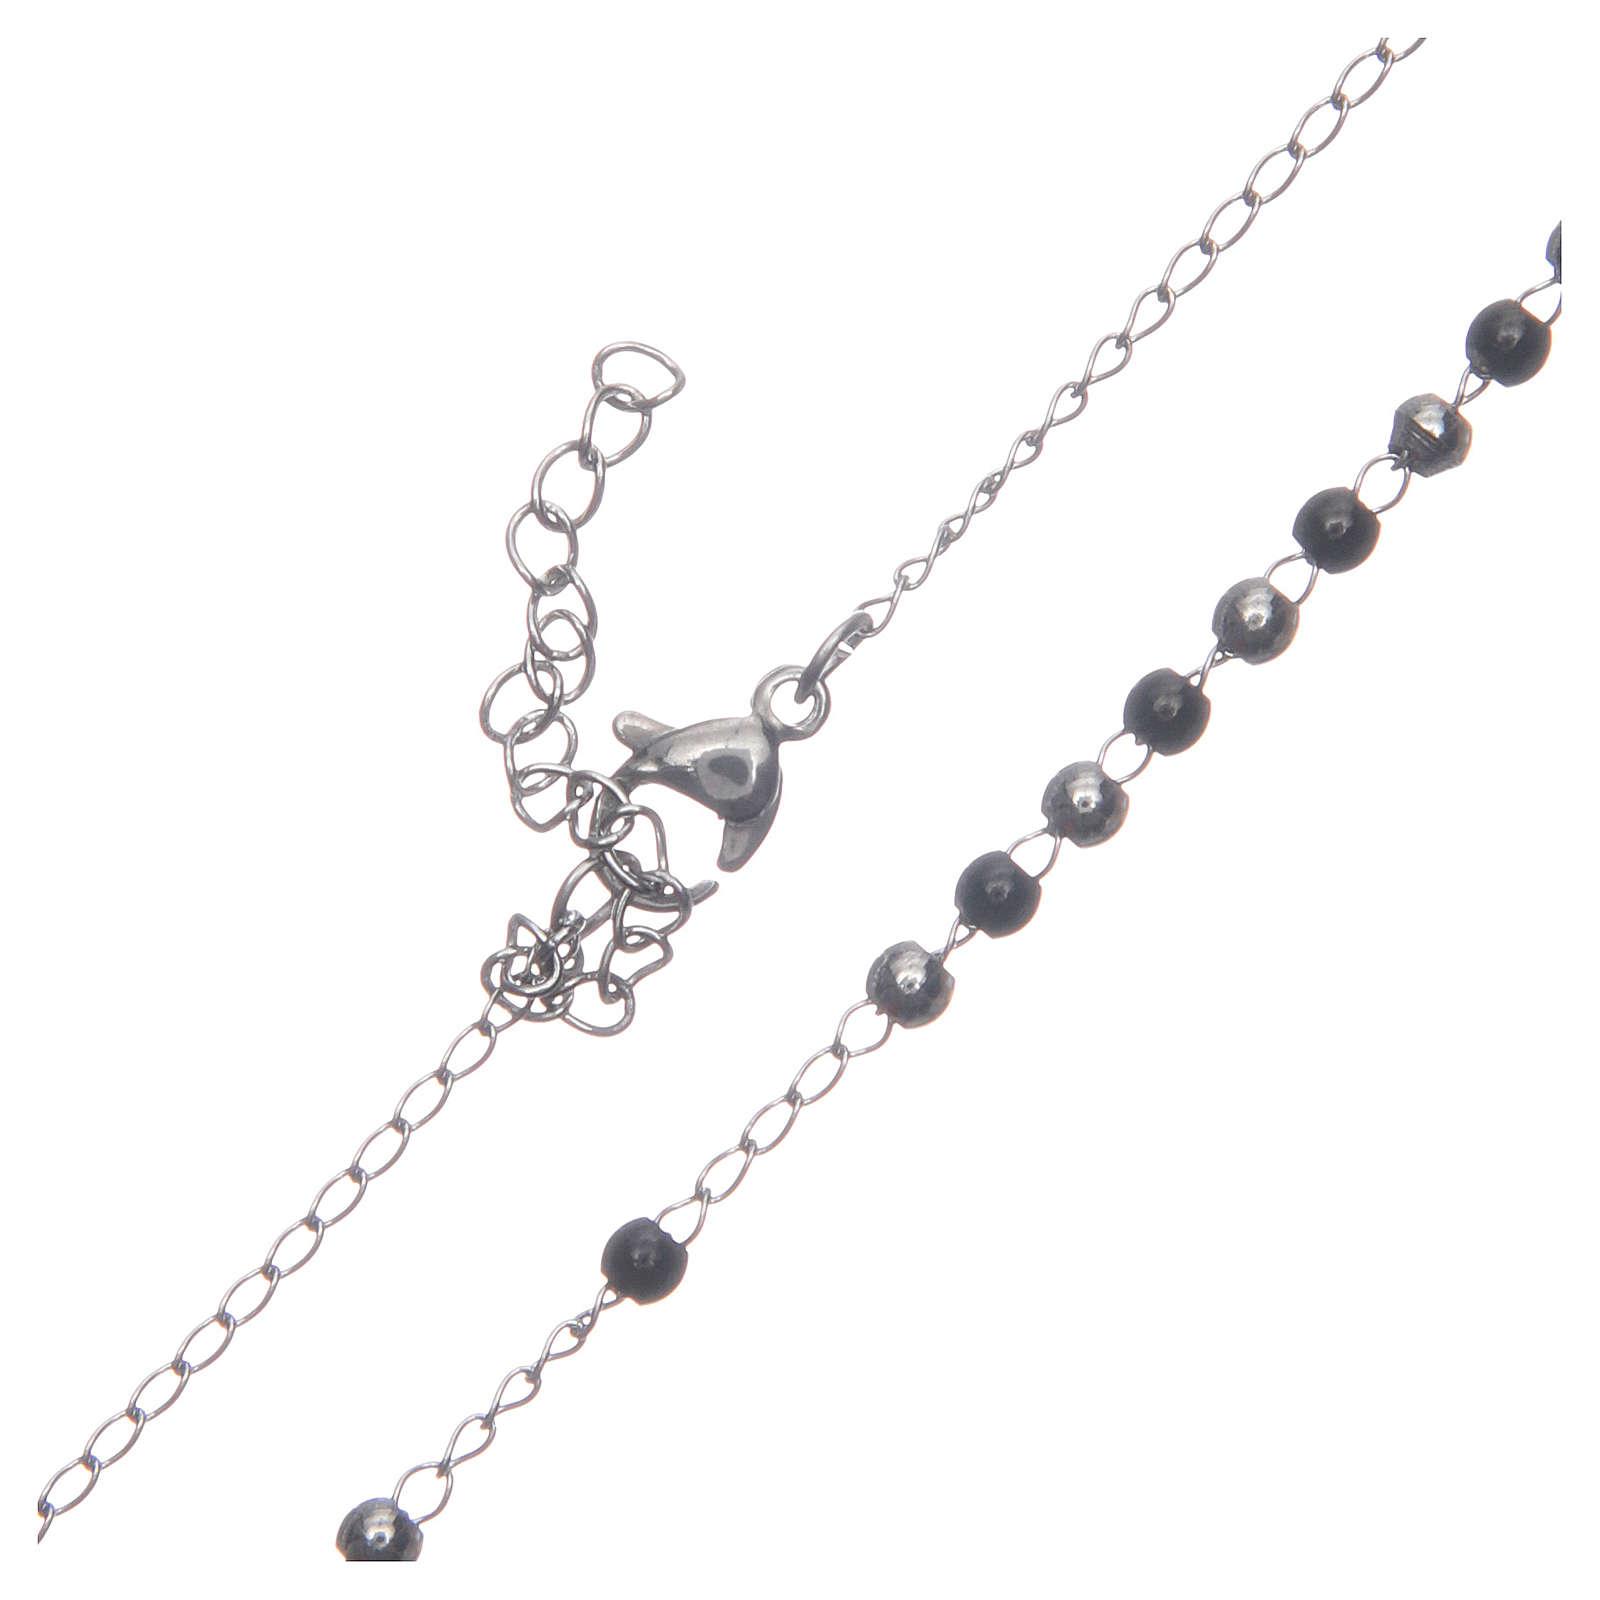 Chapelet classique silver noir acier 316L 4